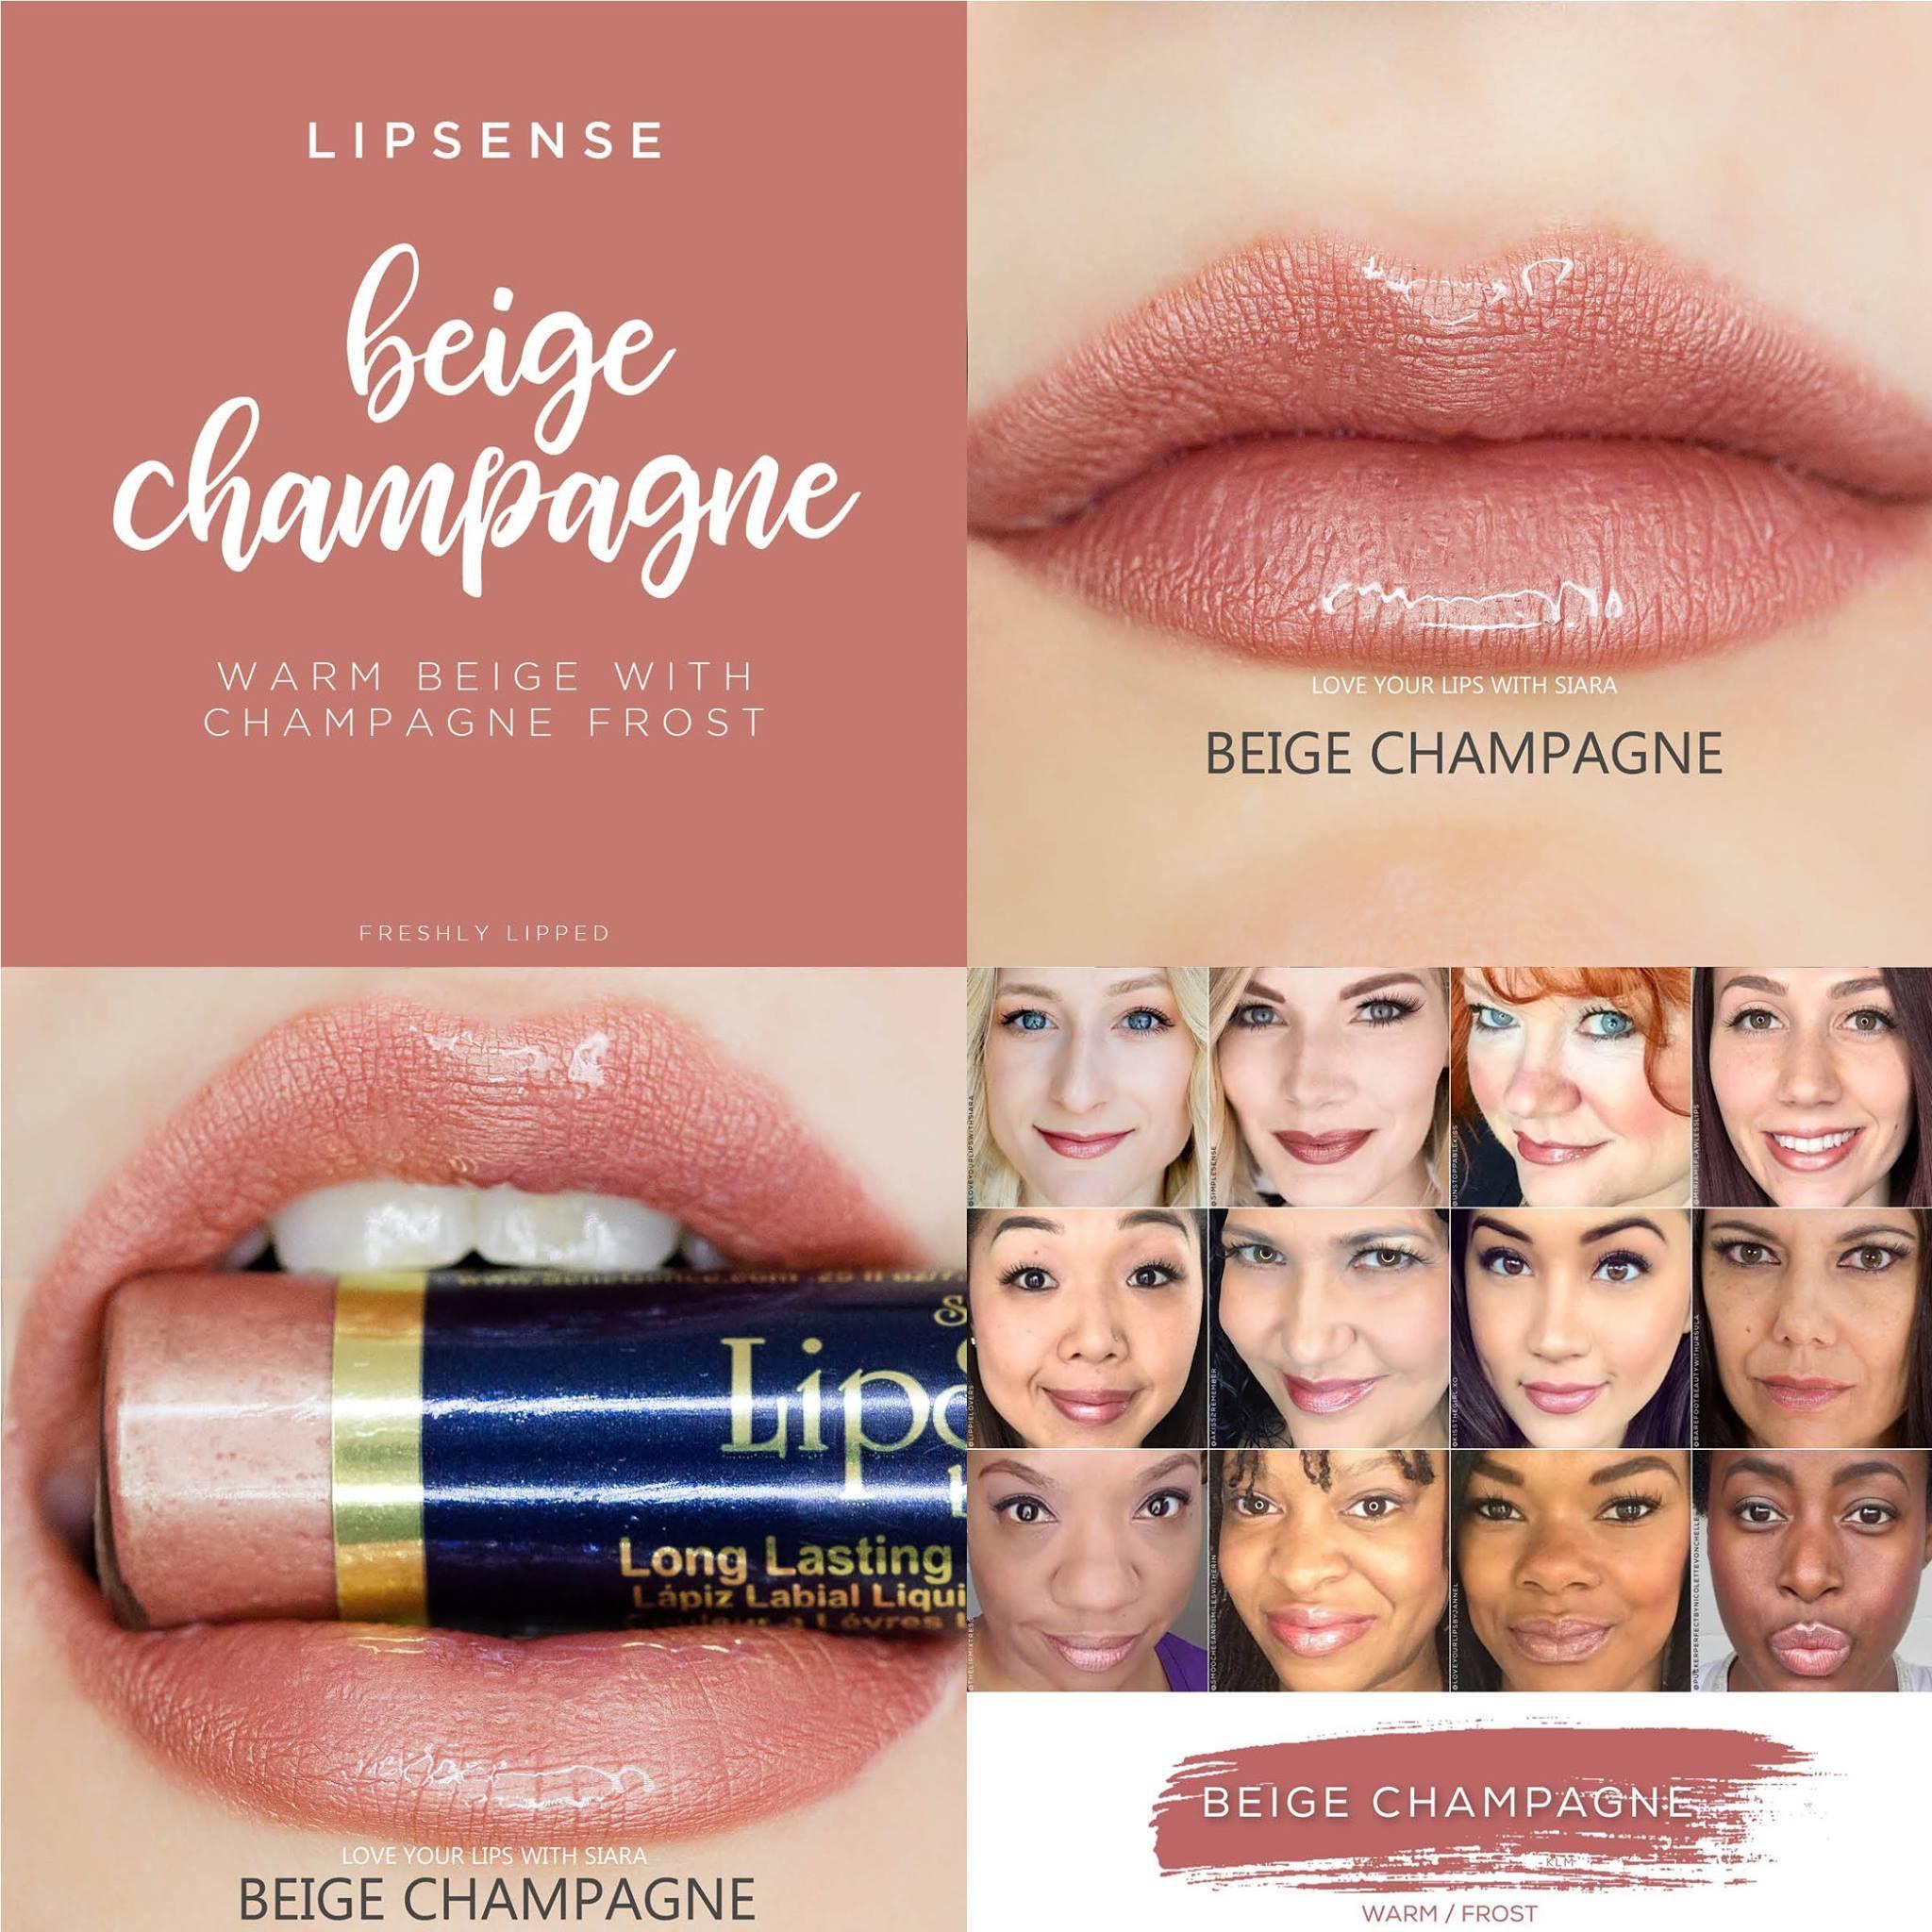 Beige Champagne LipSense Collage